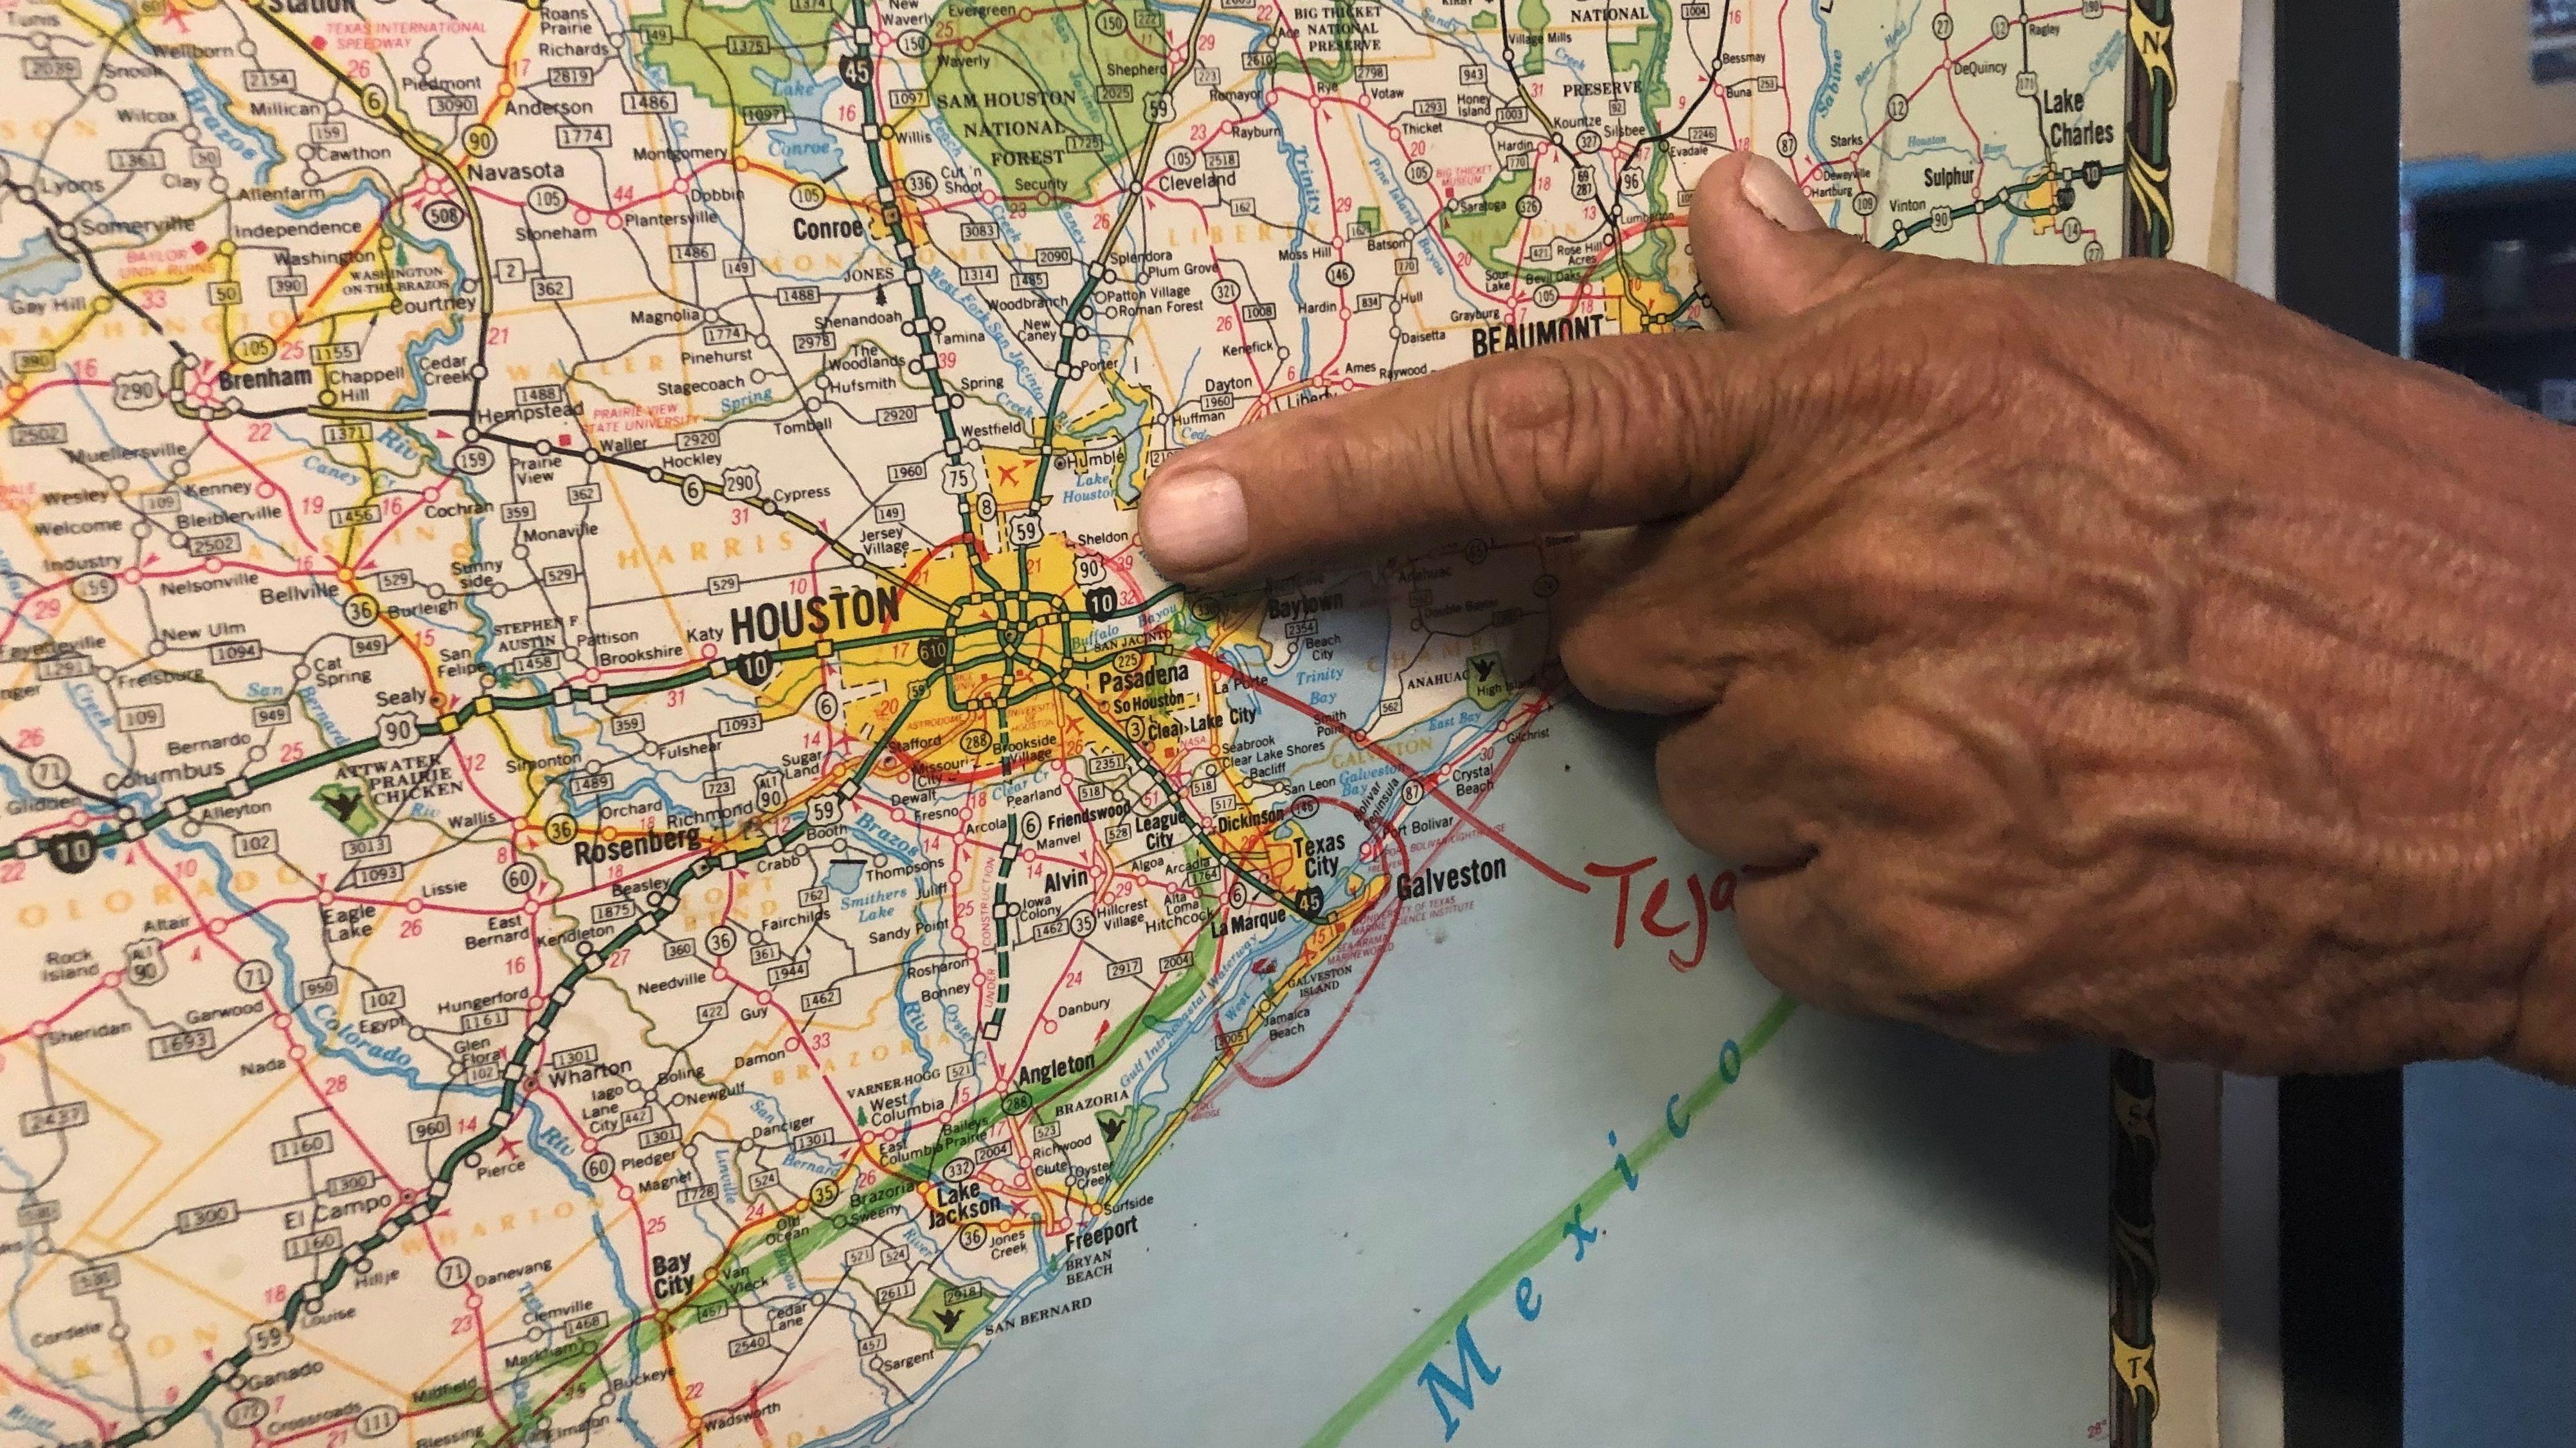 Juan Parras zeigt auf der Karte wo der Buffalo Bayou Fluss durch Houston fließt.